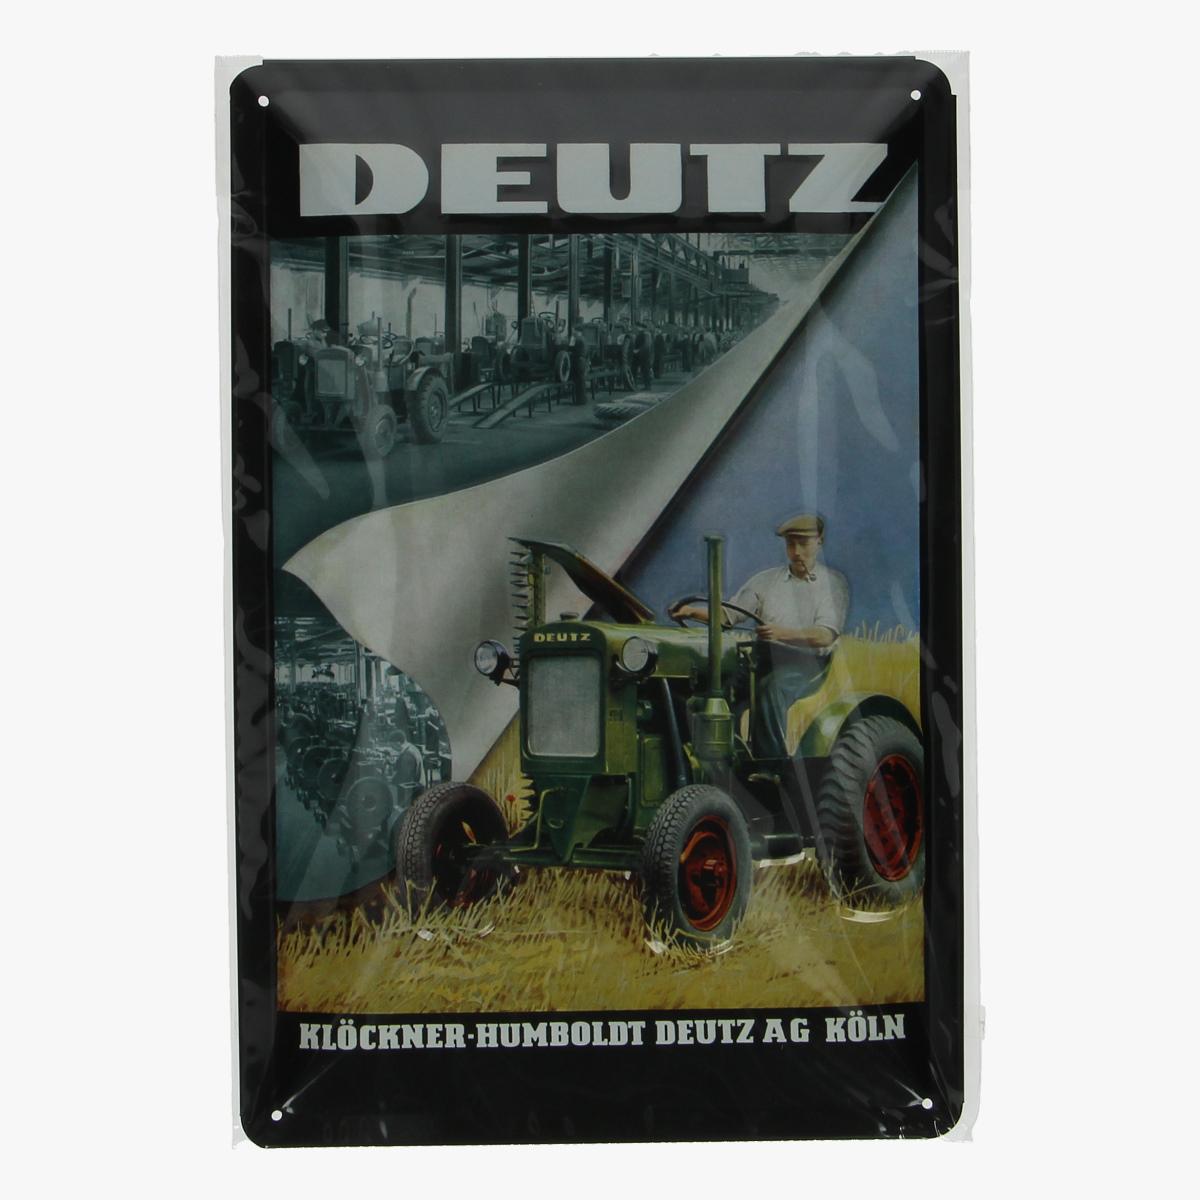 Afbeeldingen van blikken bordje DEUTZ tractor geseald